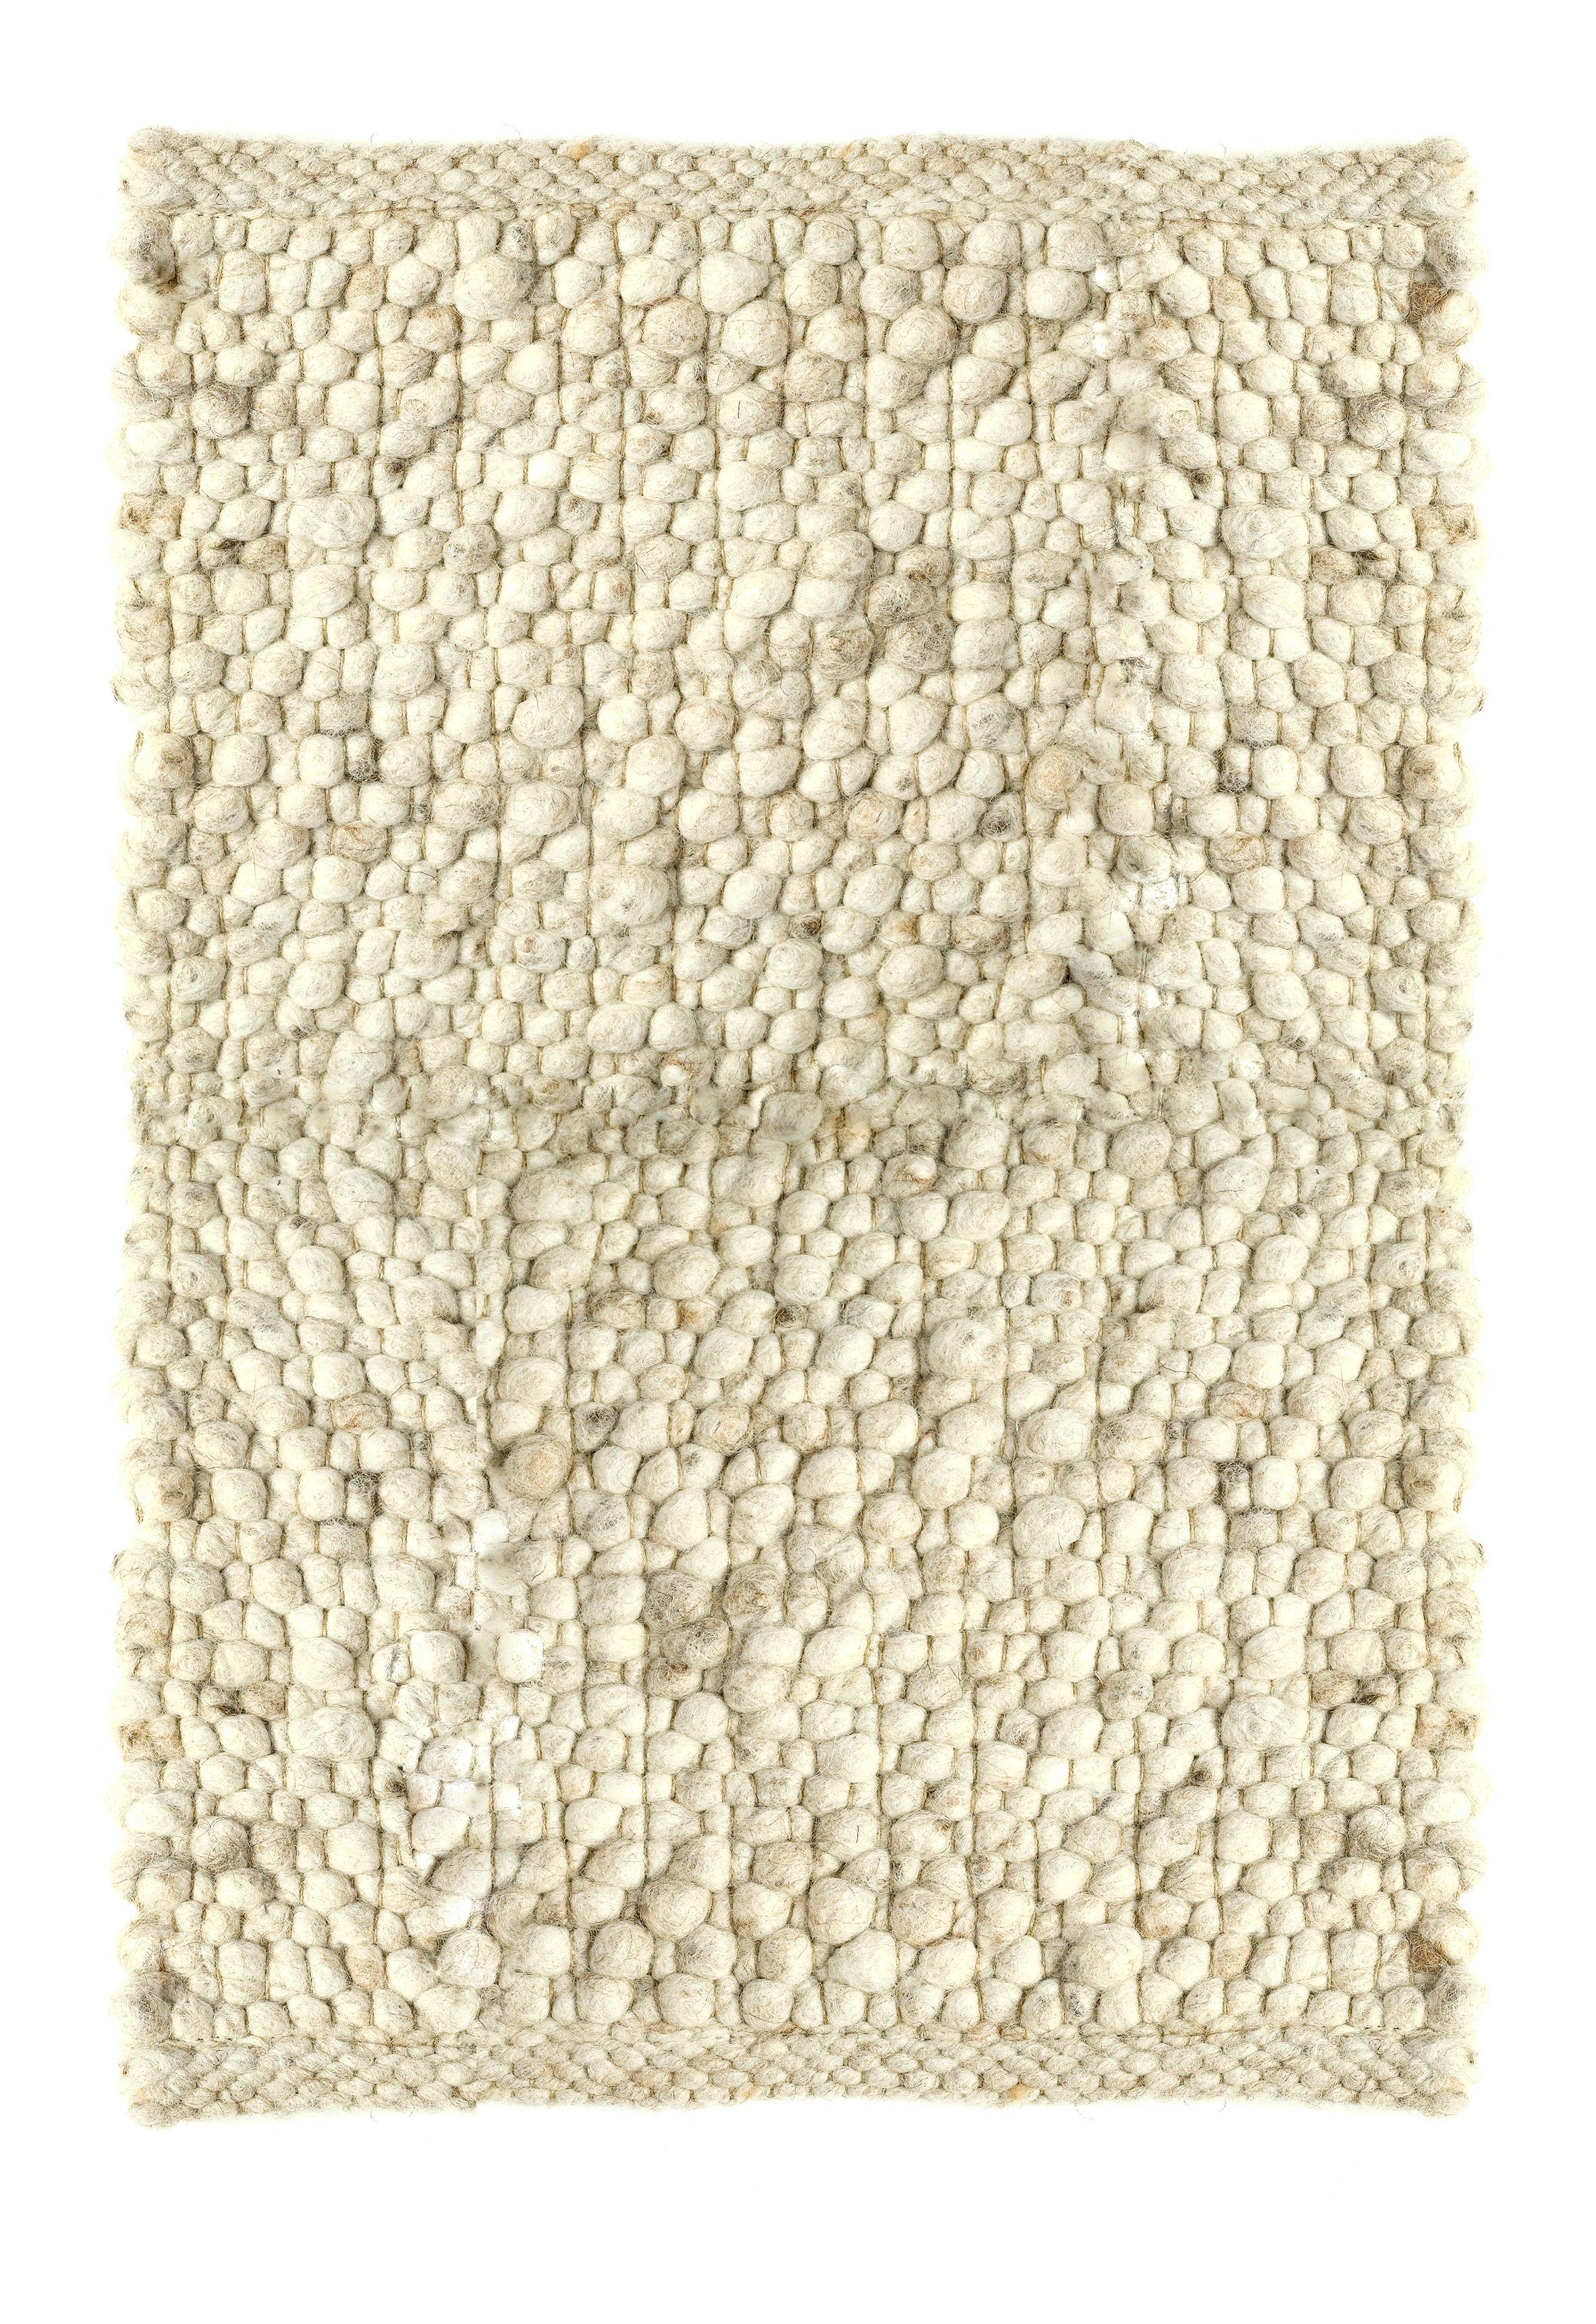 tapis carpet pebbles 170 x 230 cm 170 x 230 cm blanc cass pols potten. Black Bedroom Furniture Sets. Home Design Ideas